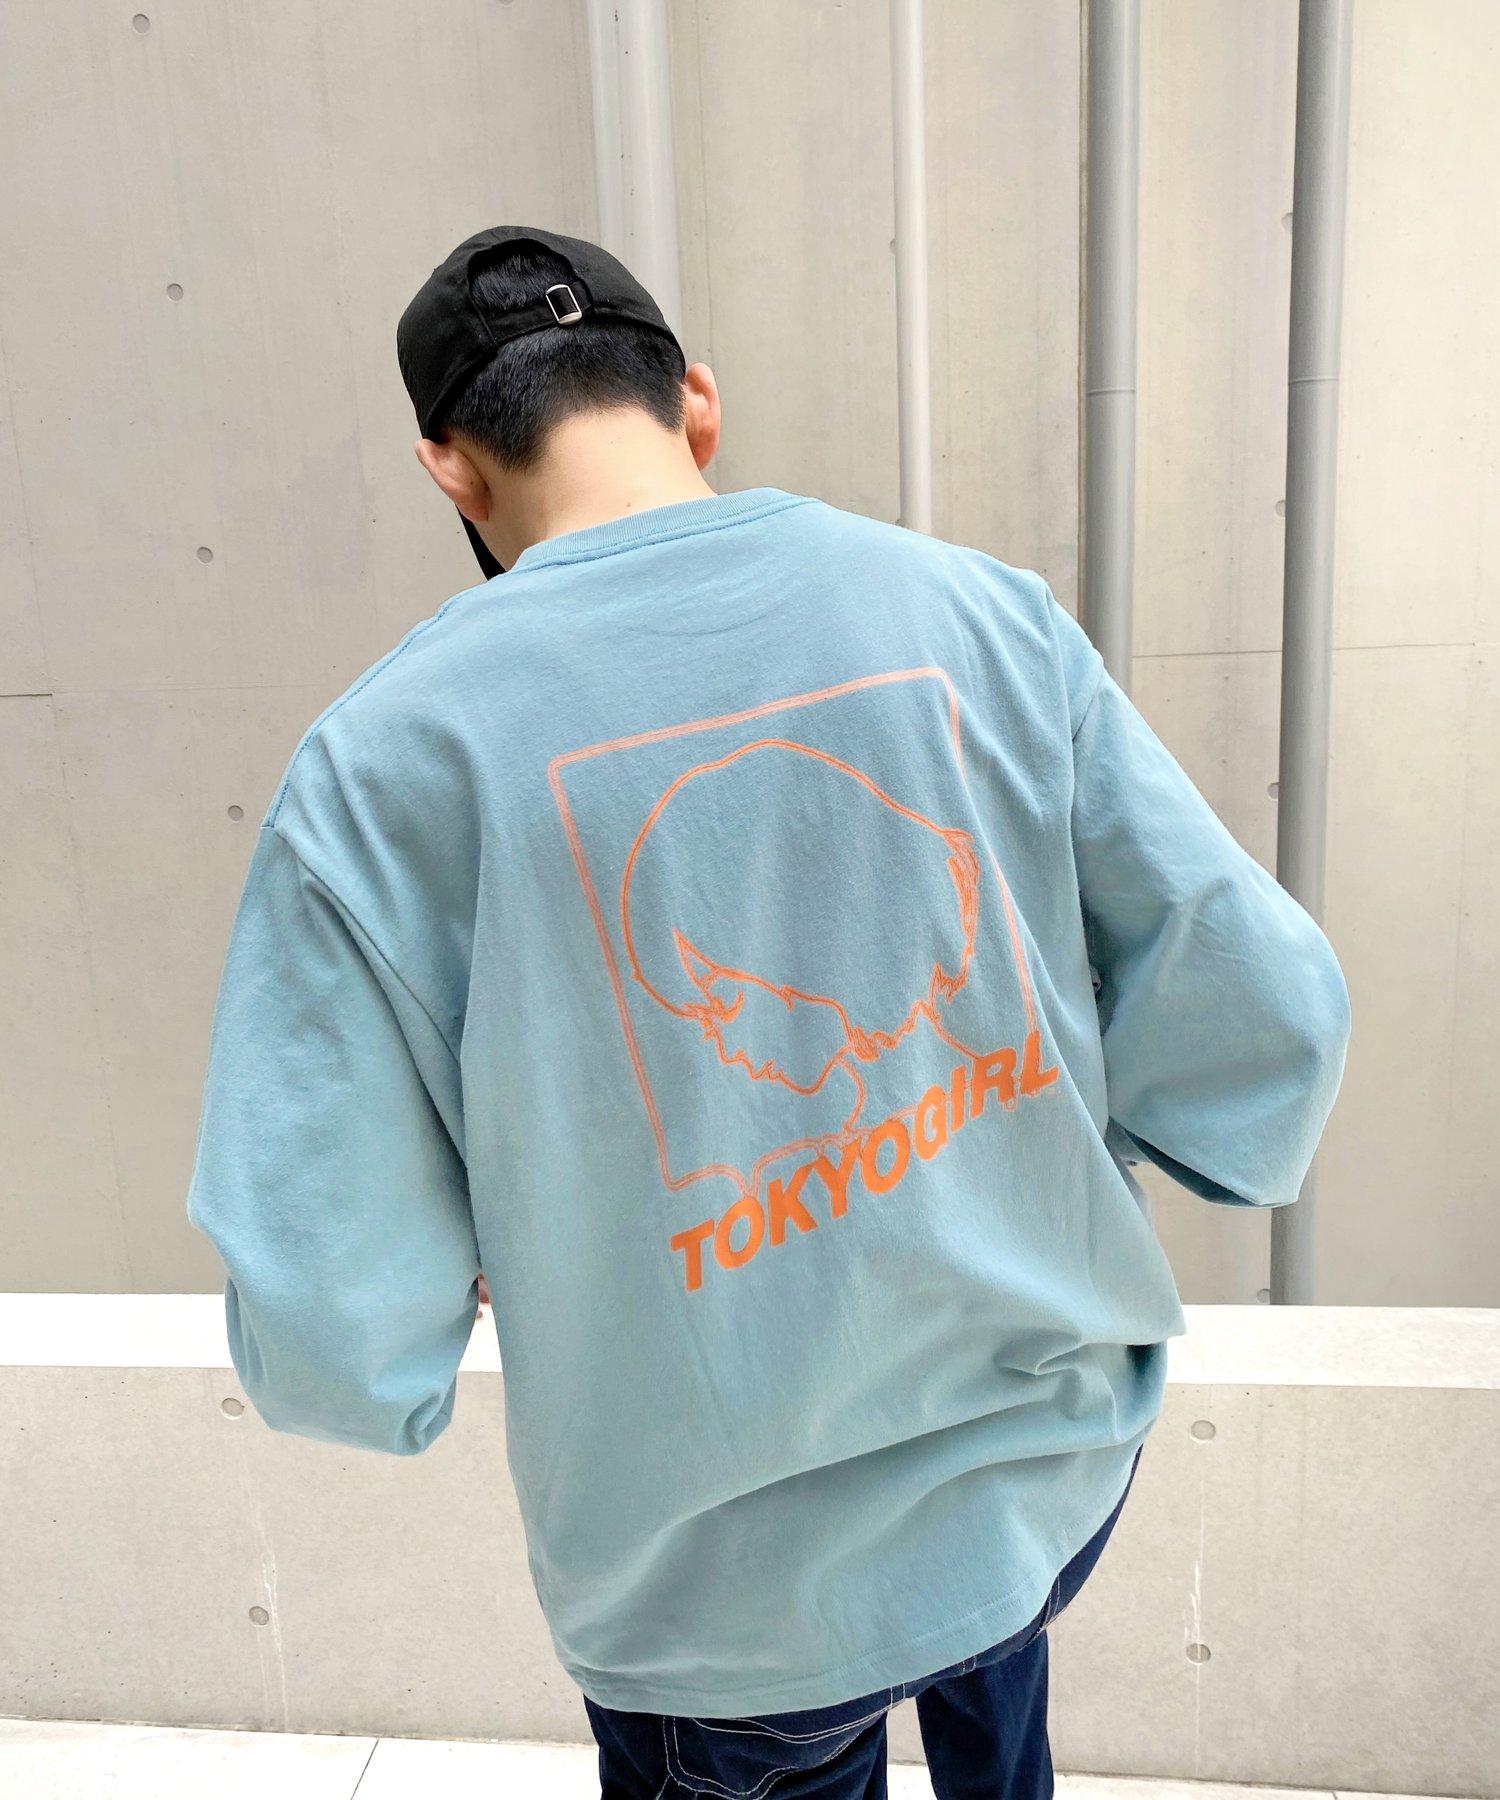 WHO'S WHO gallery(フーズフーギャラリー) レディース 《WEB限定》東京ガール ベーシックロンT グリーン